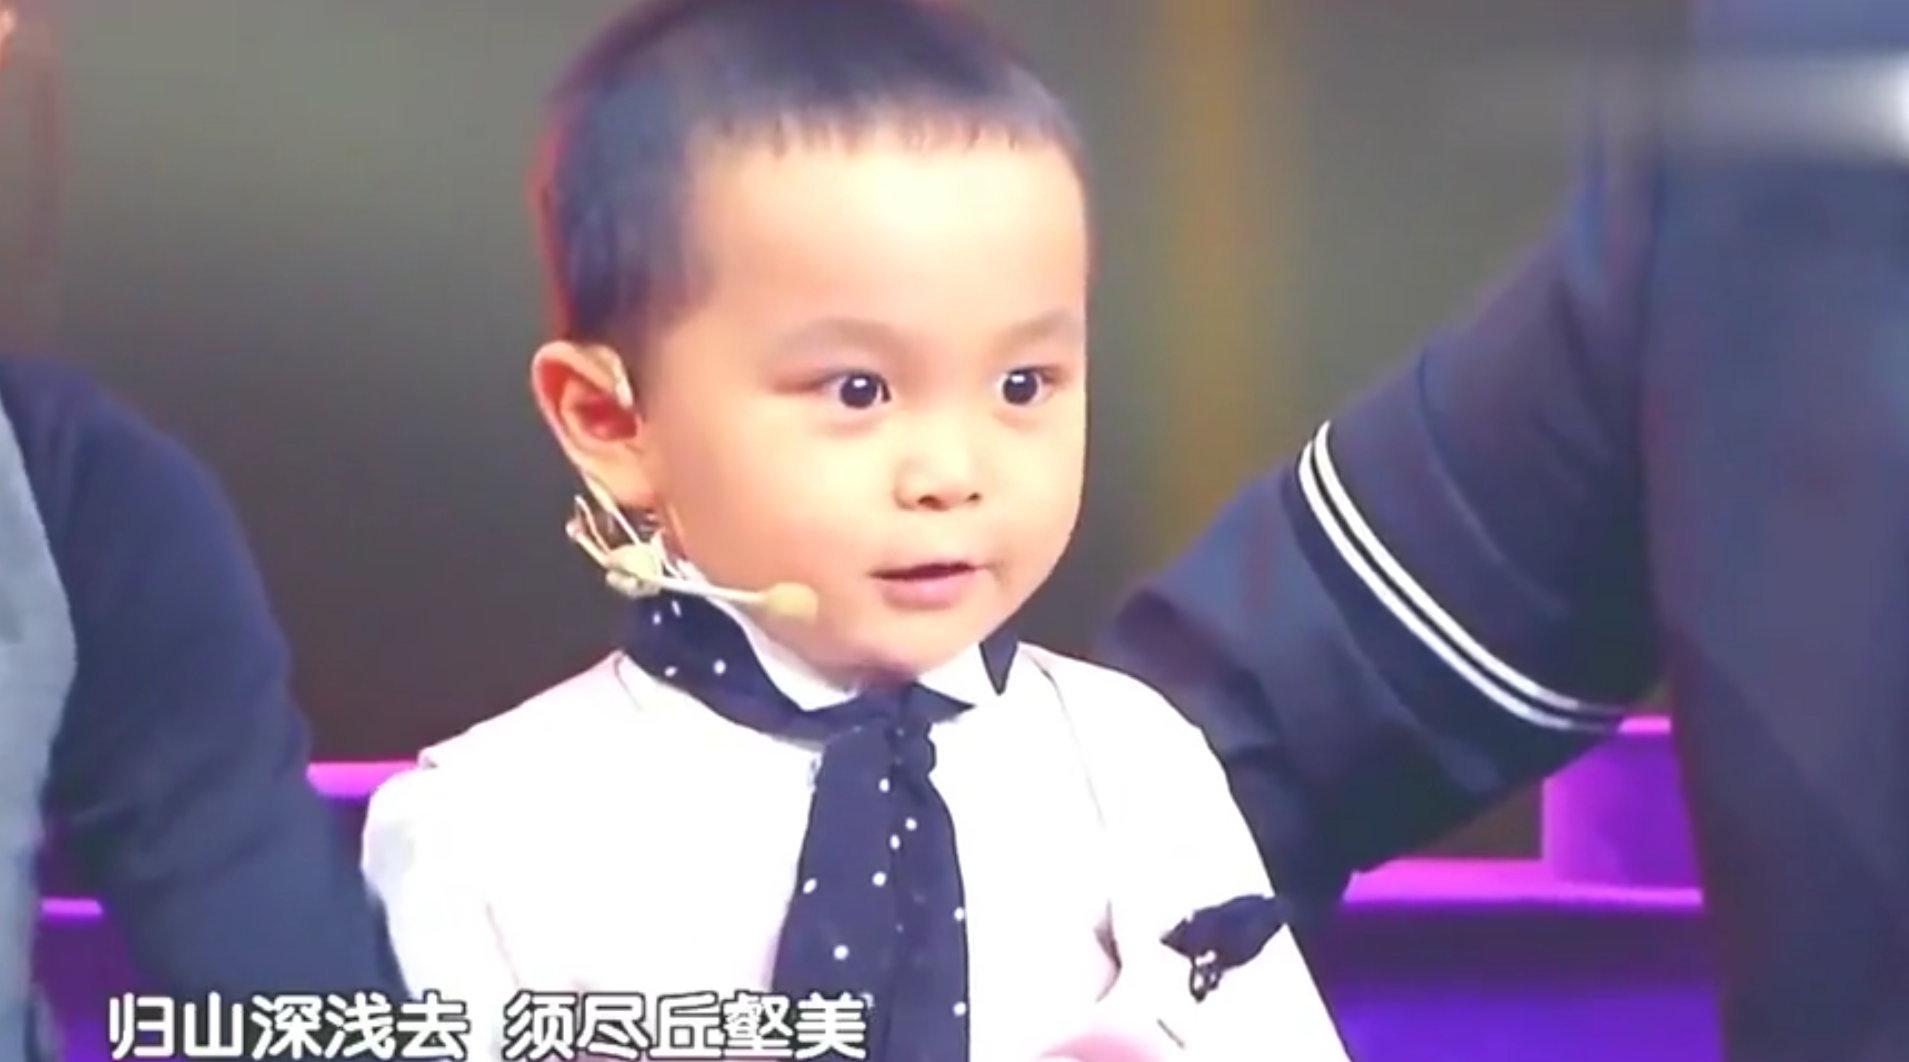 3岁萌娃王恒屹萌翻了,孟非:你很红啊!王恒屹:骄傲使人落后!